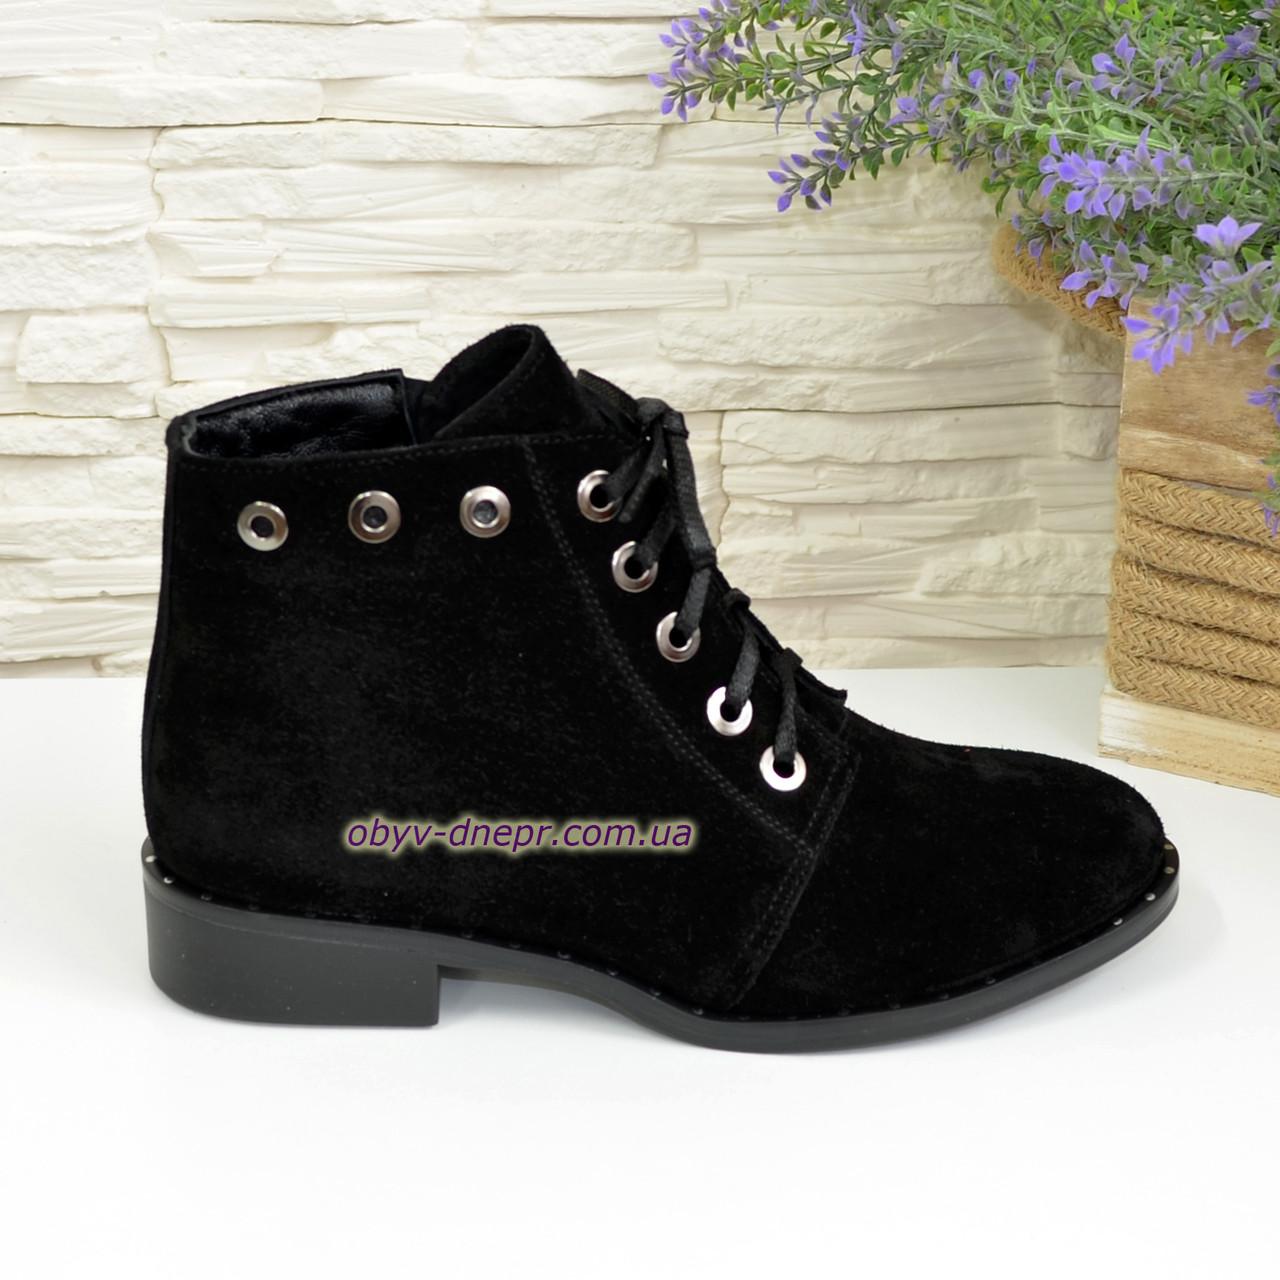 Женские   замшевые ботинки на шнуровке, черный цвет